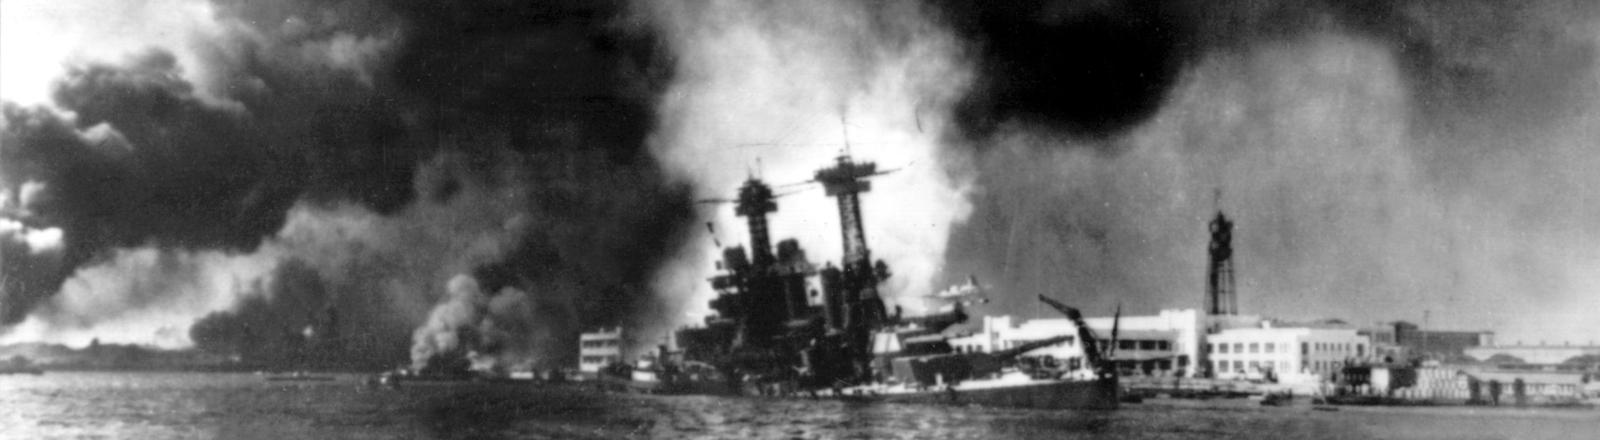 Blick auf brennende amerikanische Schlachtschiffe. Am 7. Dezember 1941 begann mit dem Luftangriff auf Pearl Harbor auf Hawaii.